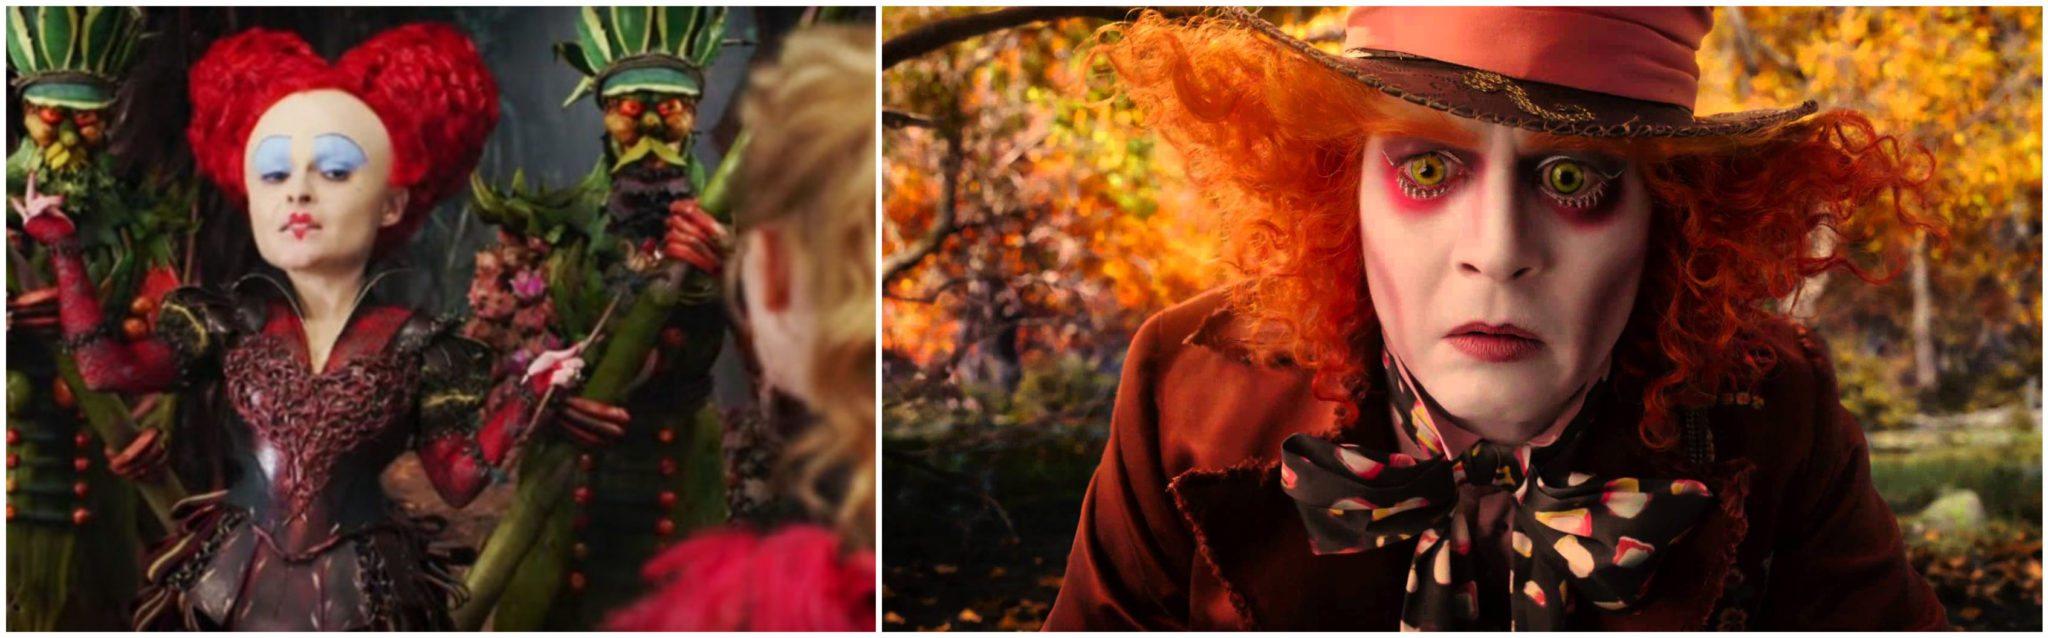 Η-Αλίκη-μέσα-από-τον-καθρέφτη